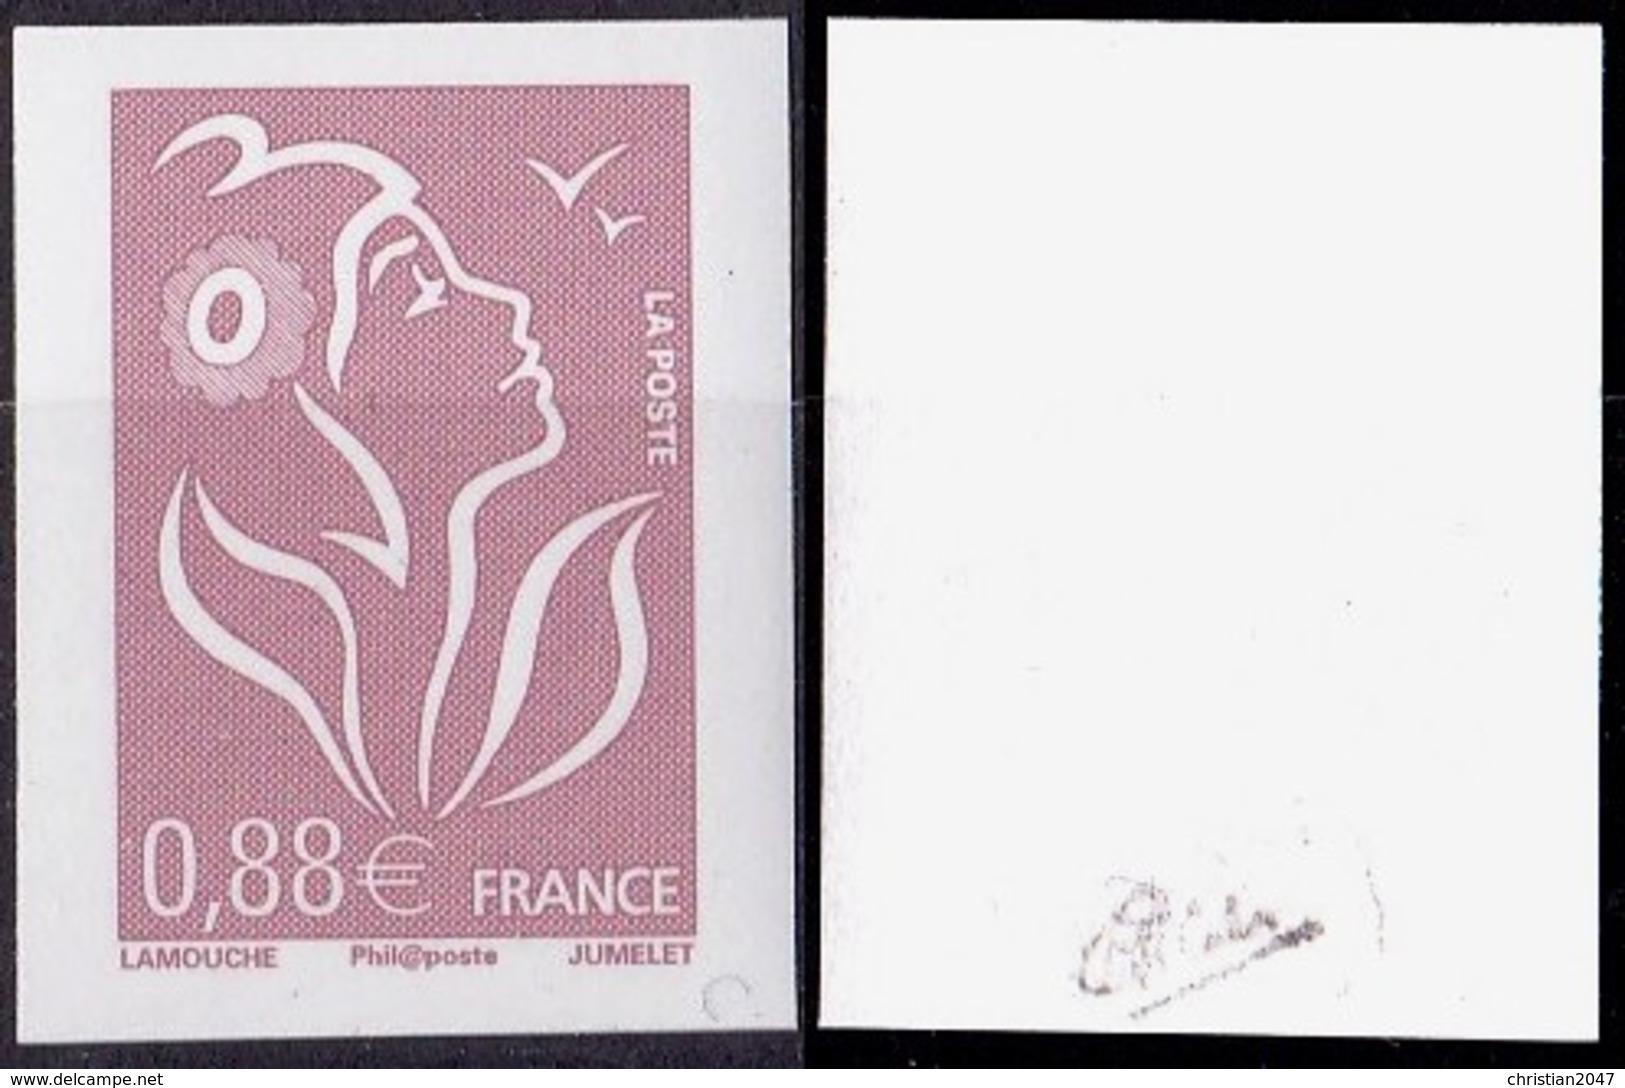 VARIETE N°4155 MARIANNE DE LAMOUCHE  0,88 LILAS-BRUN NON DENTELE SANS PHOSPHORE TOTAL  SIGNE CALVES LUXE** - Varieties: 2000-09 Mint/hinged